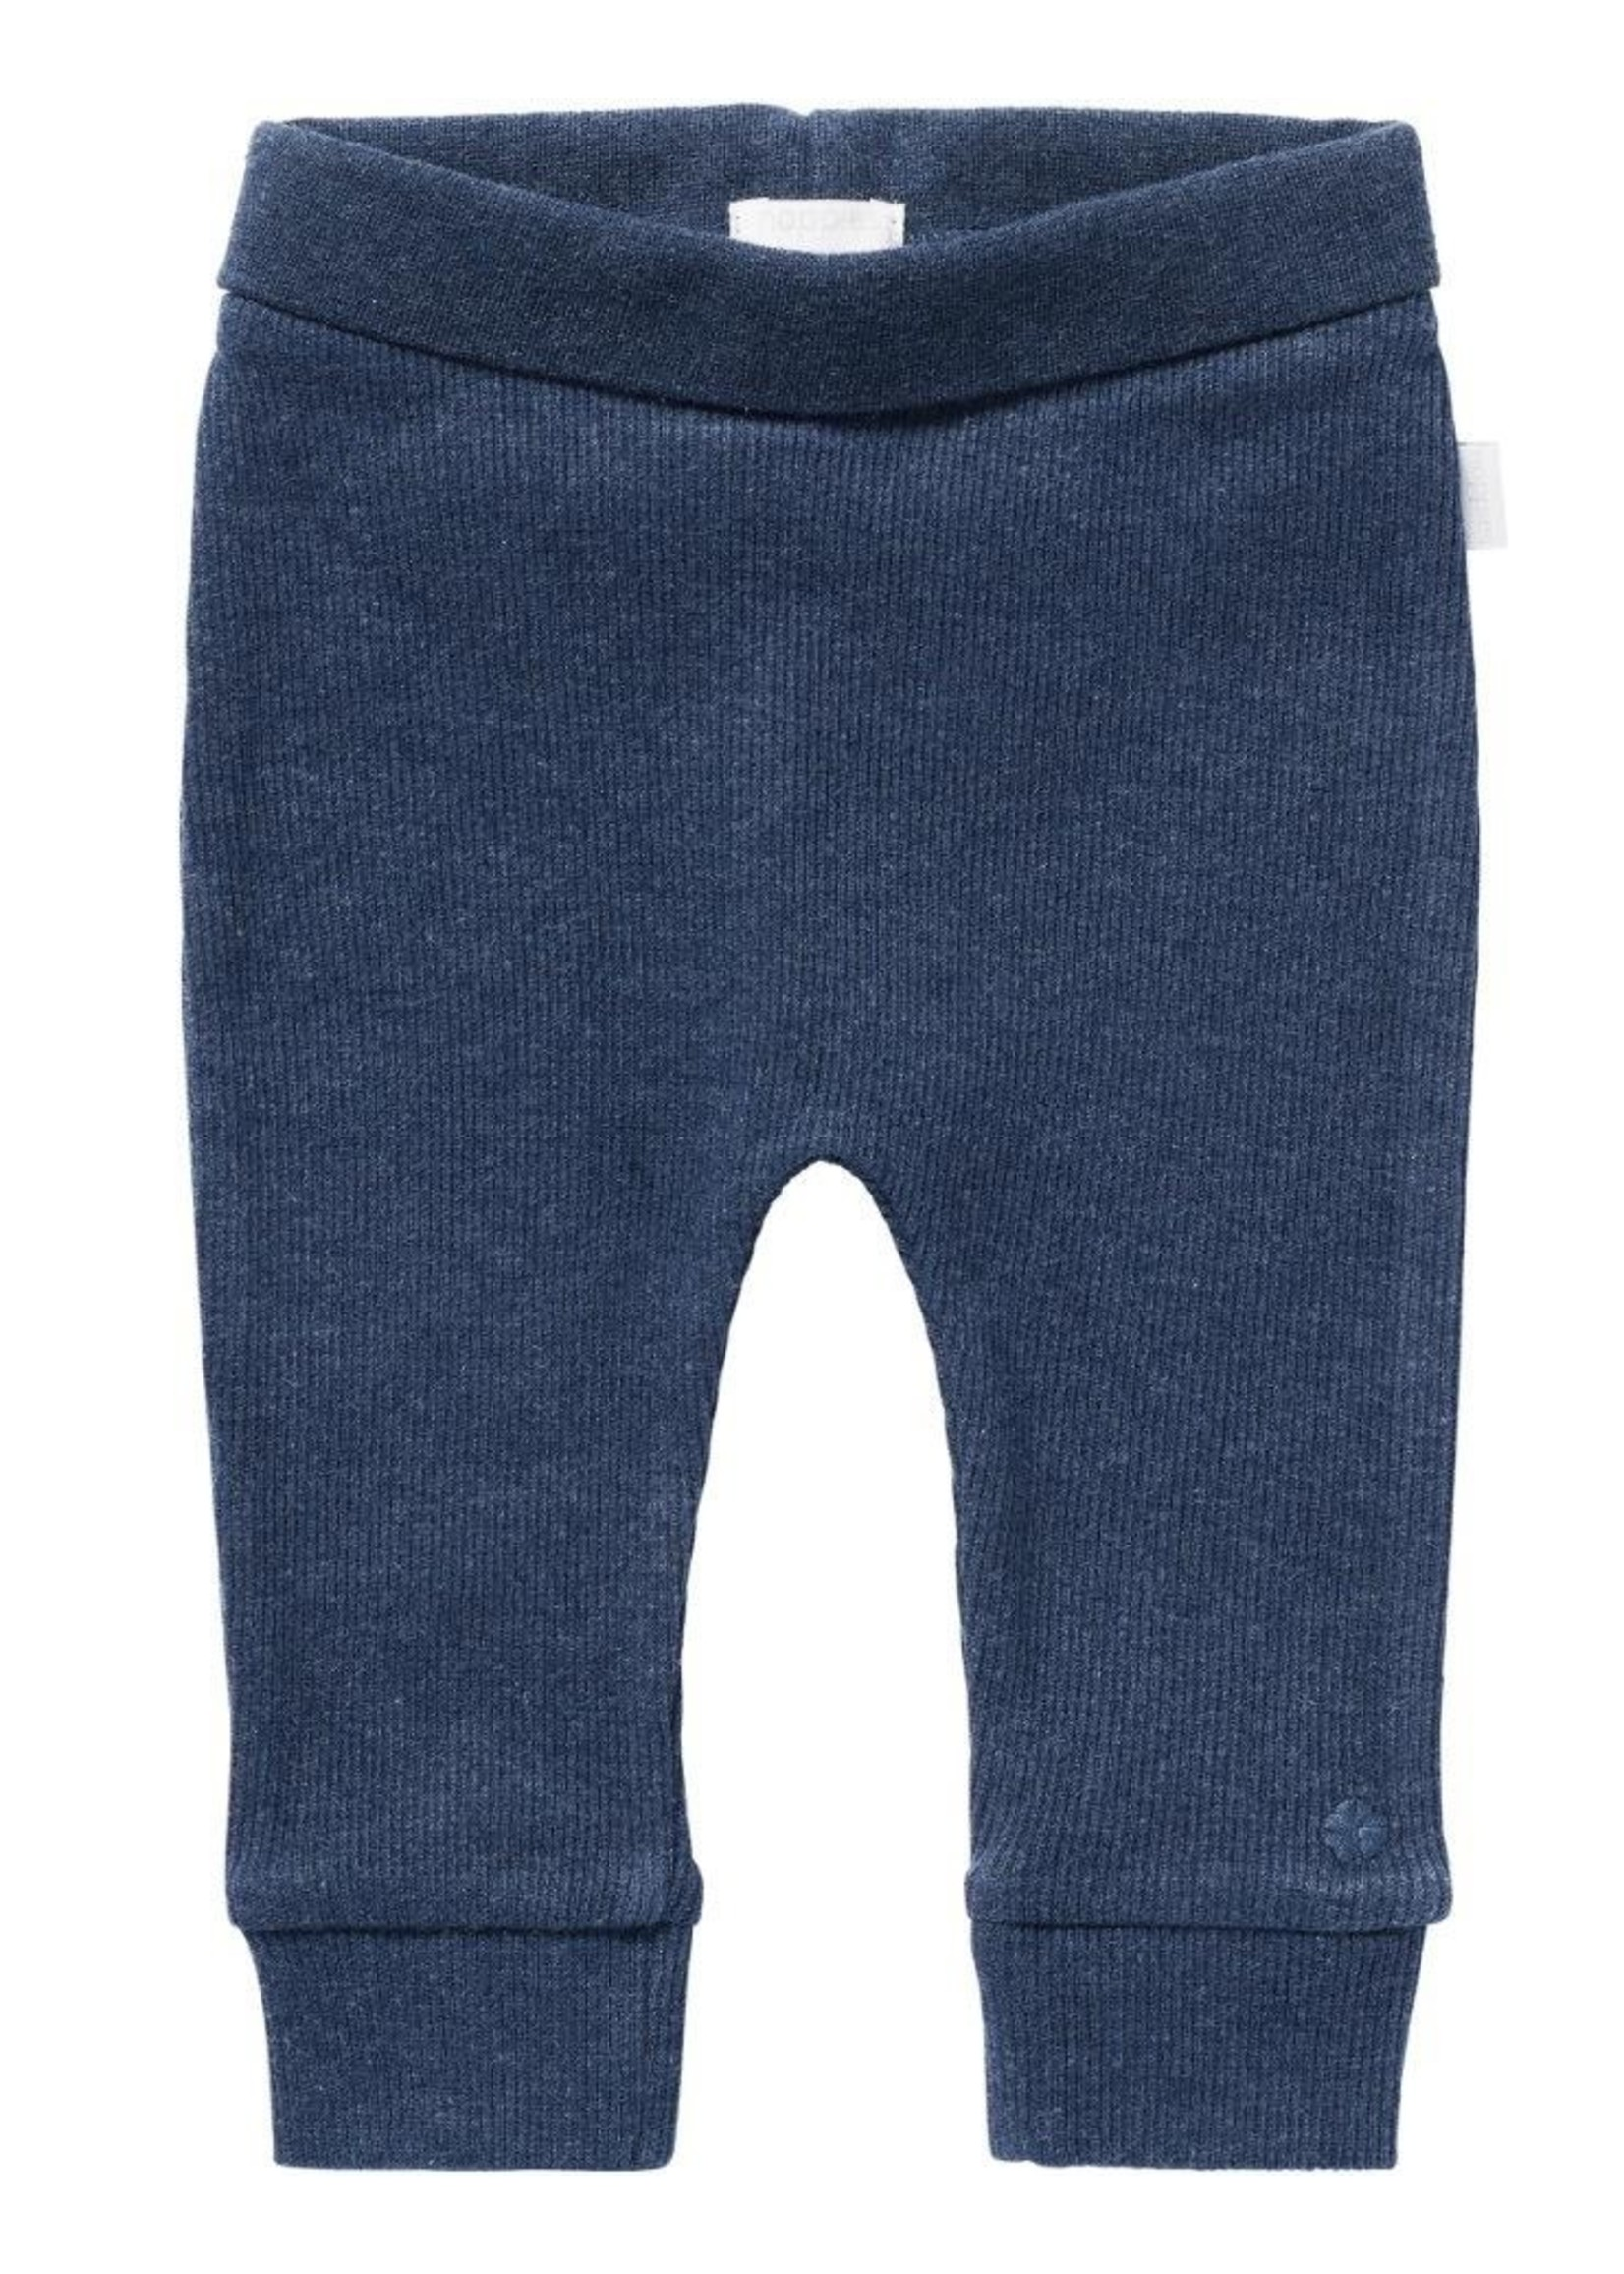 Noppies Kids Noppies Kids, Naura Ribbed Pants in Navy